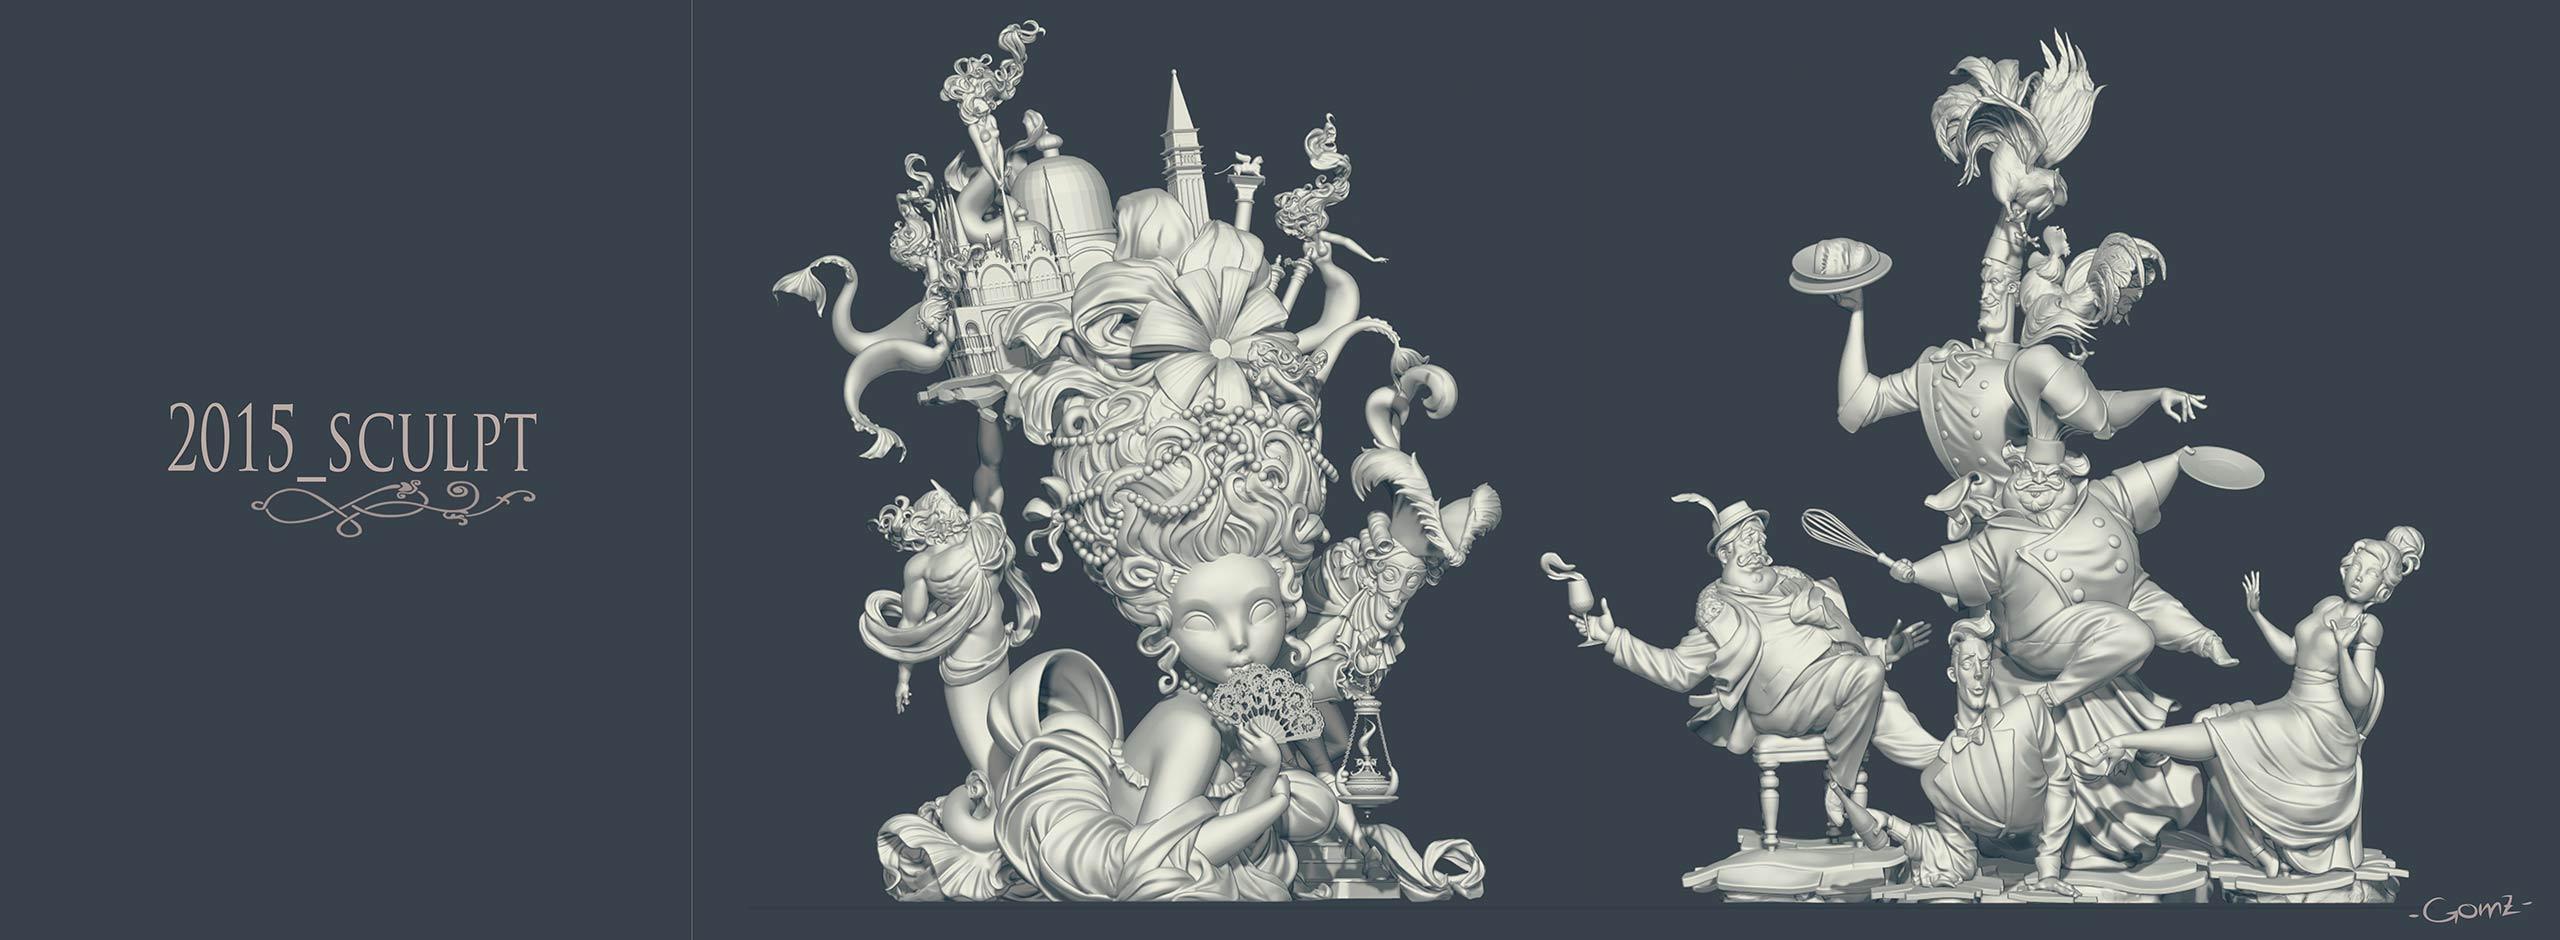 img_2015_sculpt